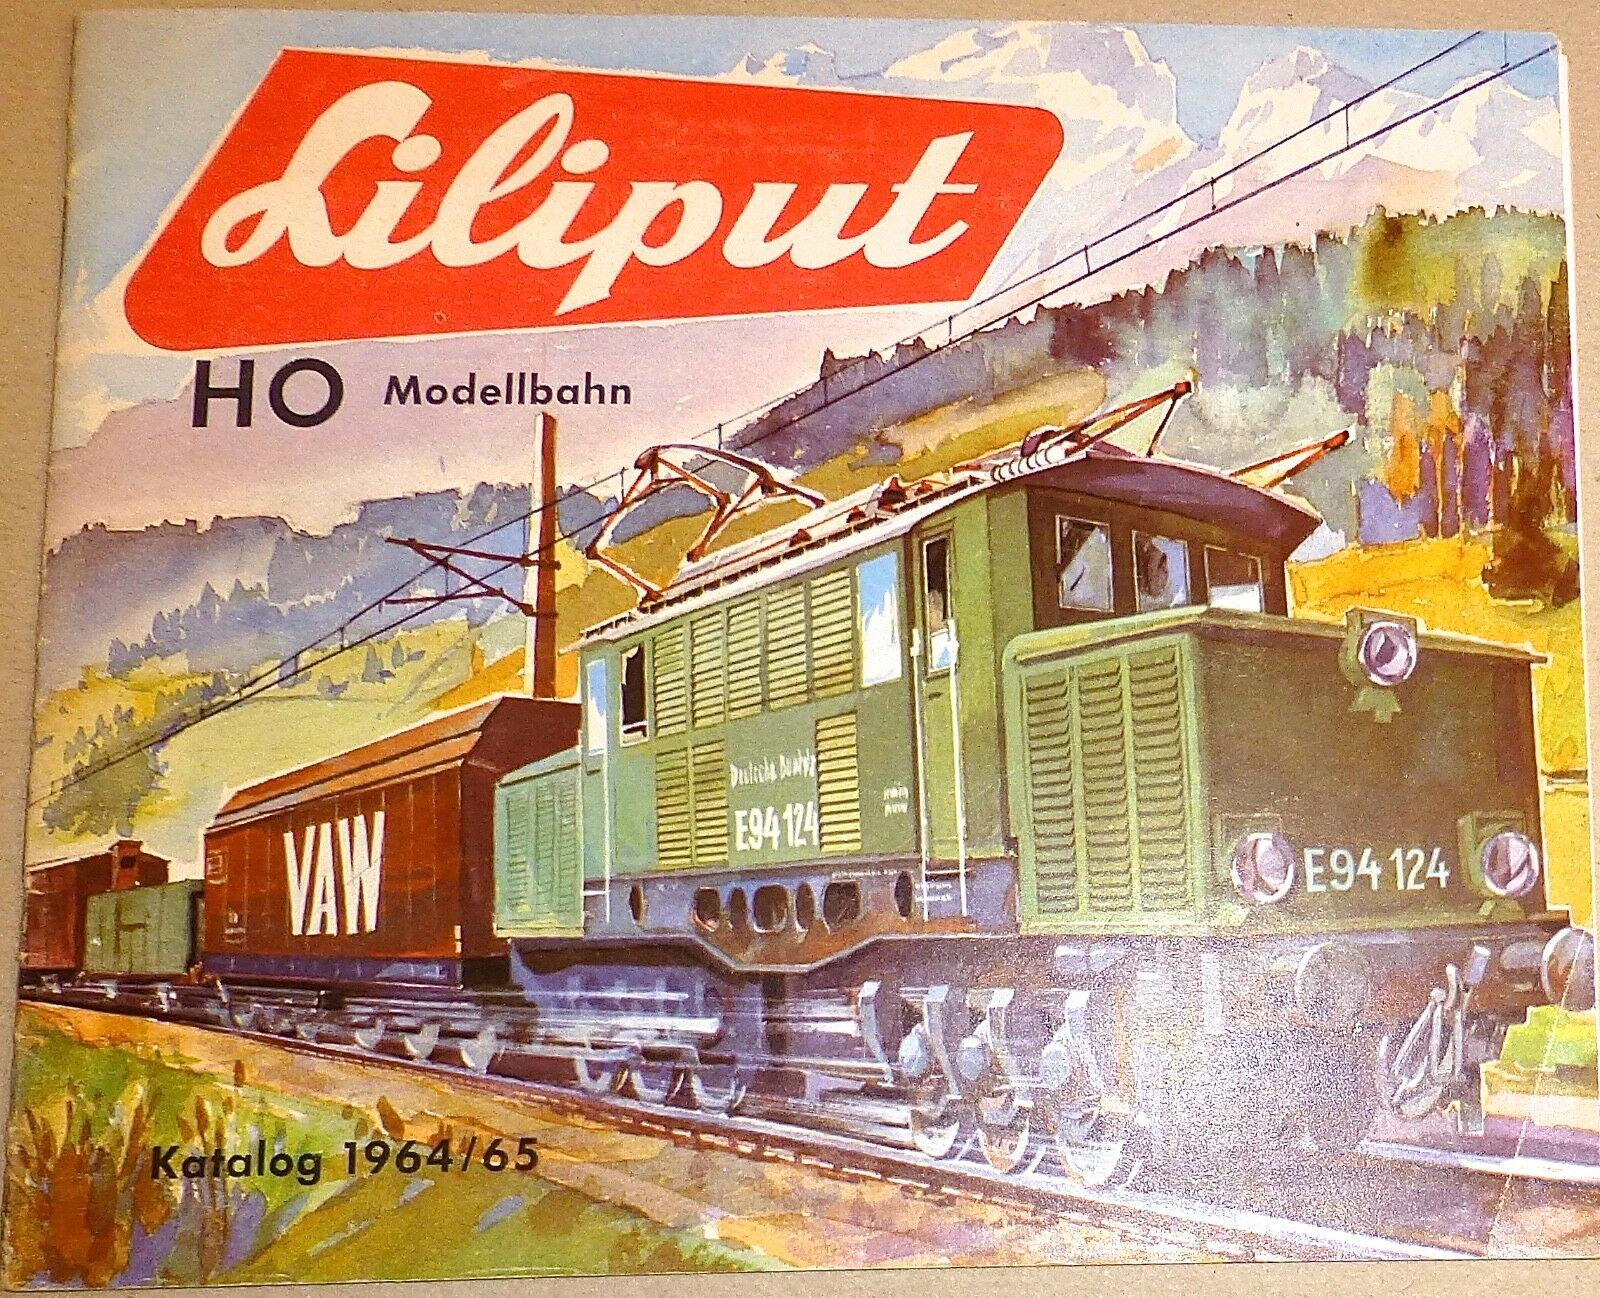 Liliput Katalog 1964 65 H0 Å